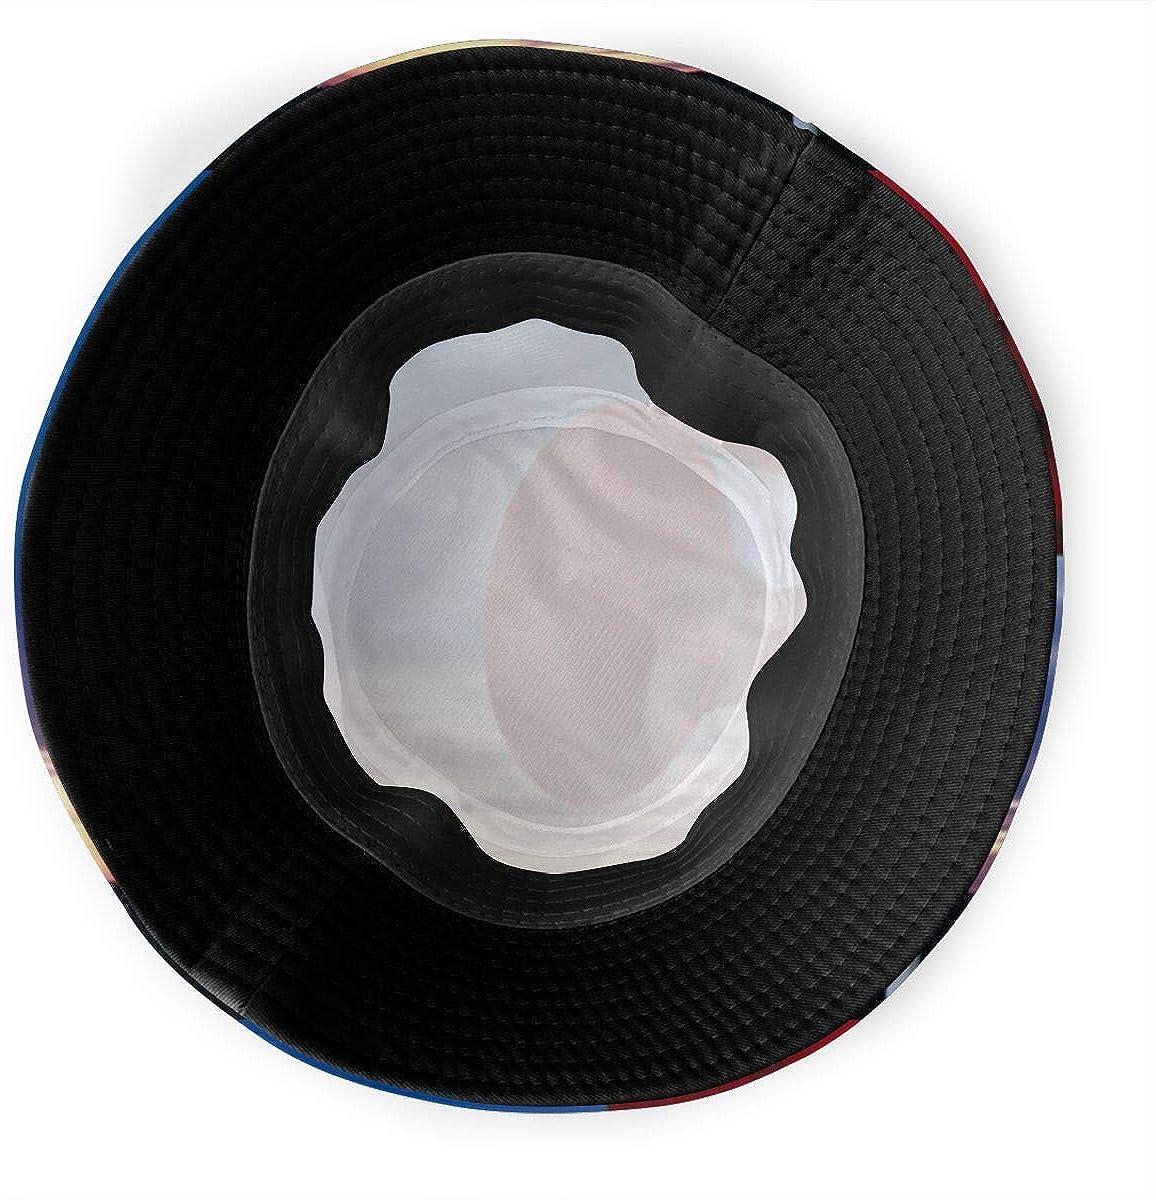 Vintage Outdoor-Hut//Bucket Hat HOLEBBBE Bucket Hat Unisex Bucket Hat Depeche Mode Frauen Music for The Masses S/ü/ßer Outdoor-Sonnenhut Fishman-H/üte Boonie Caps F/ür M/änner